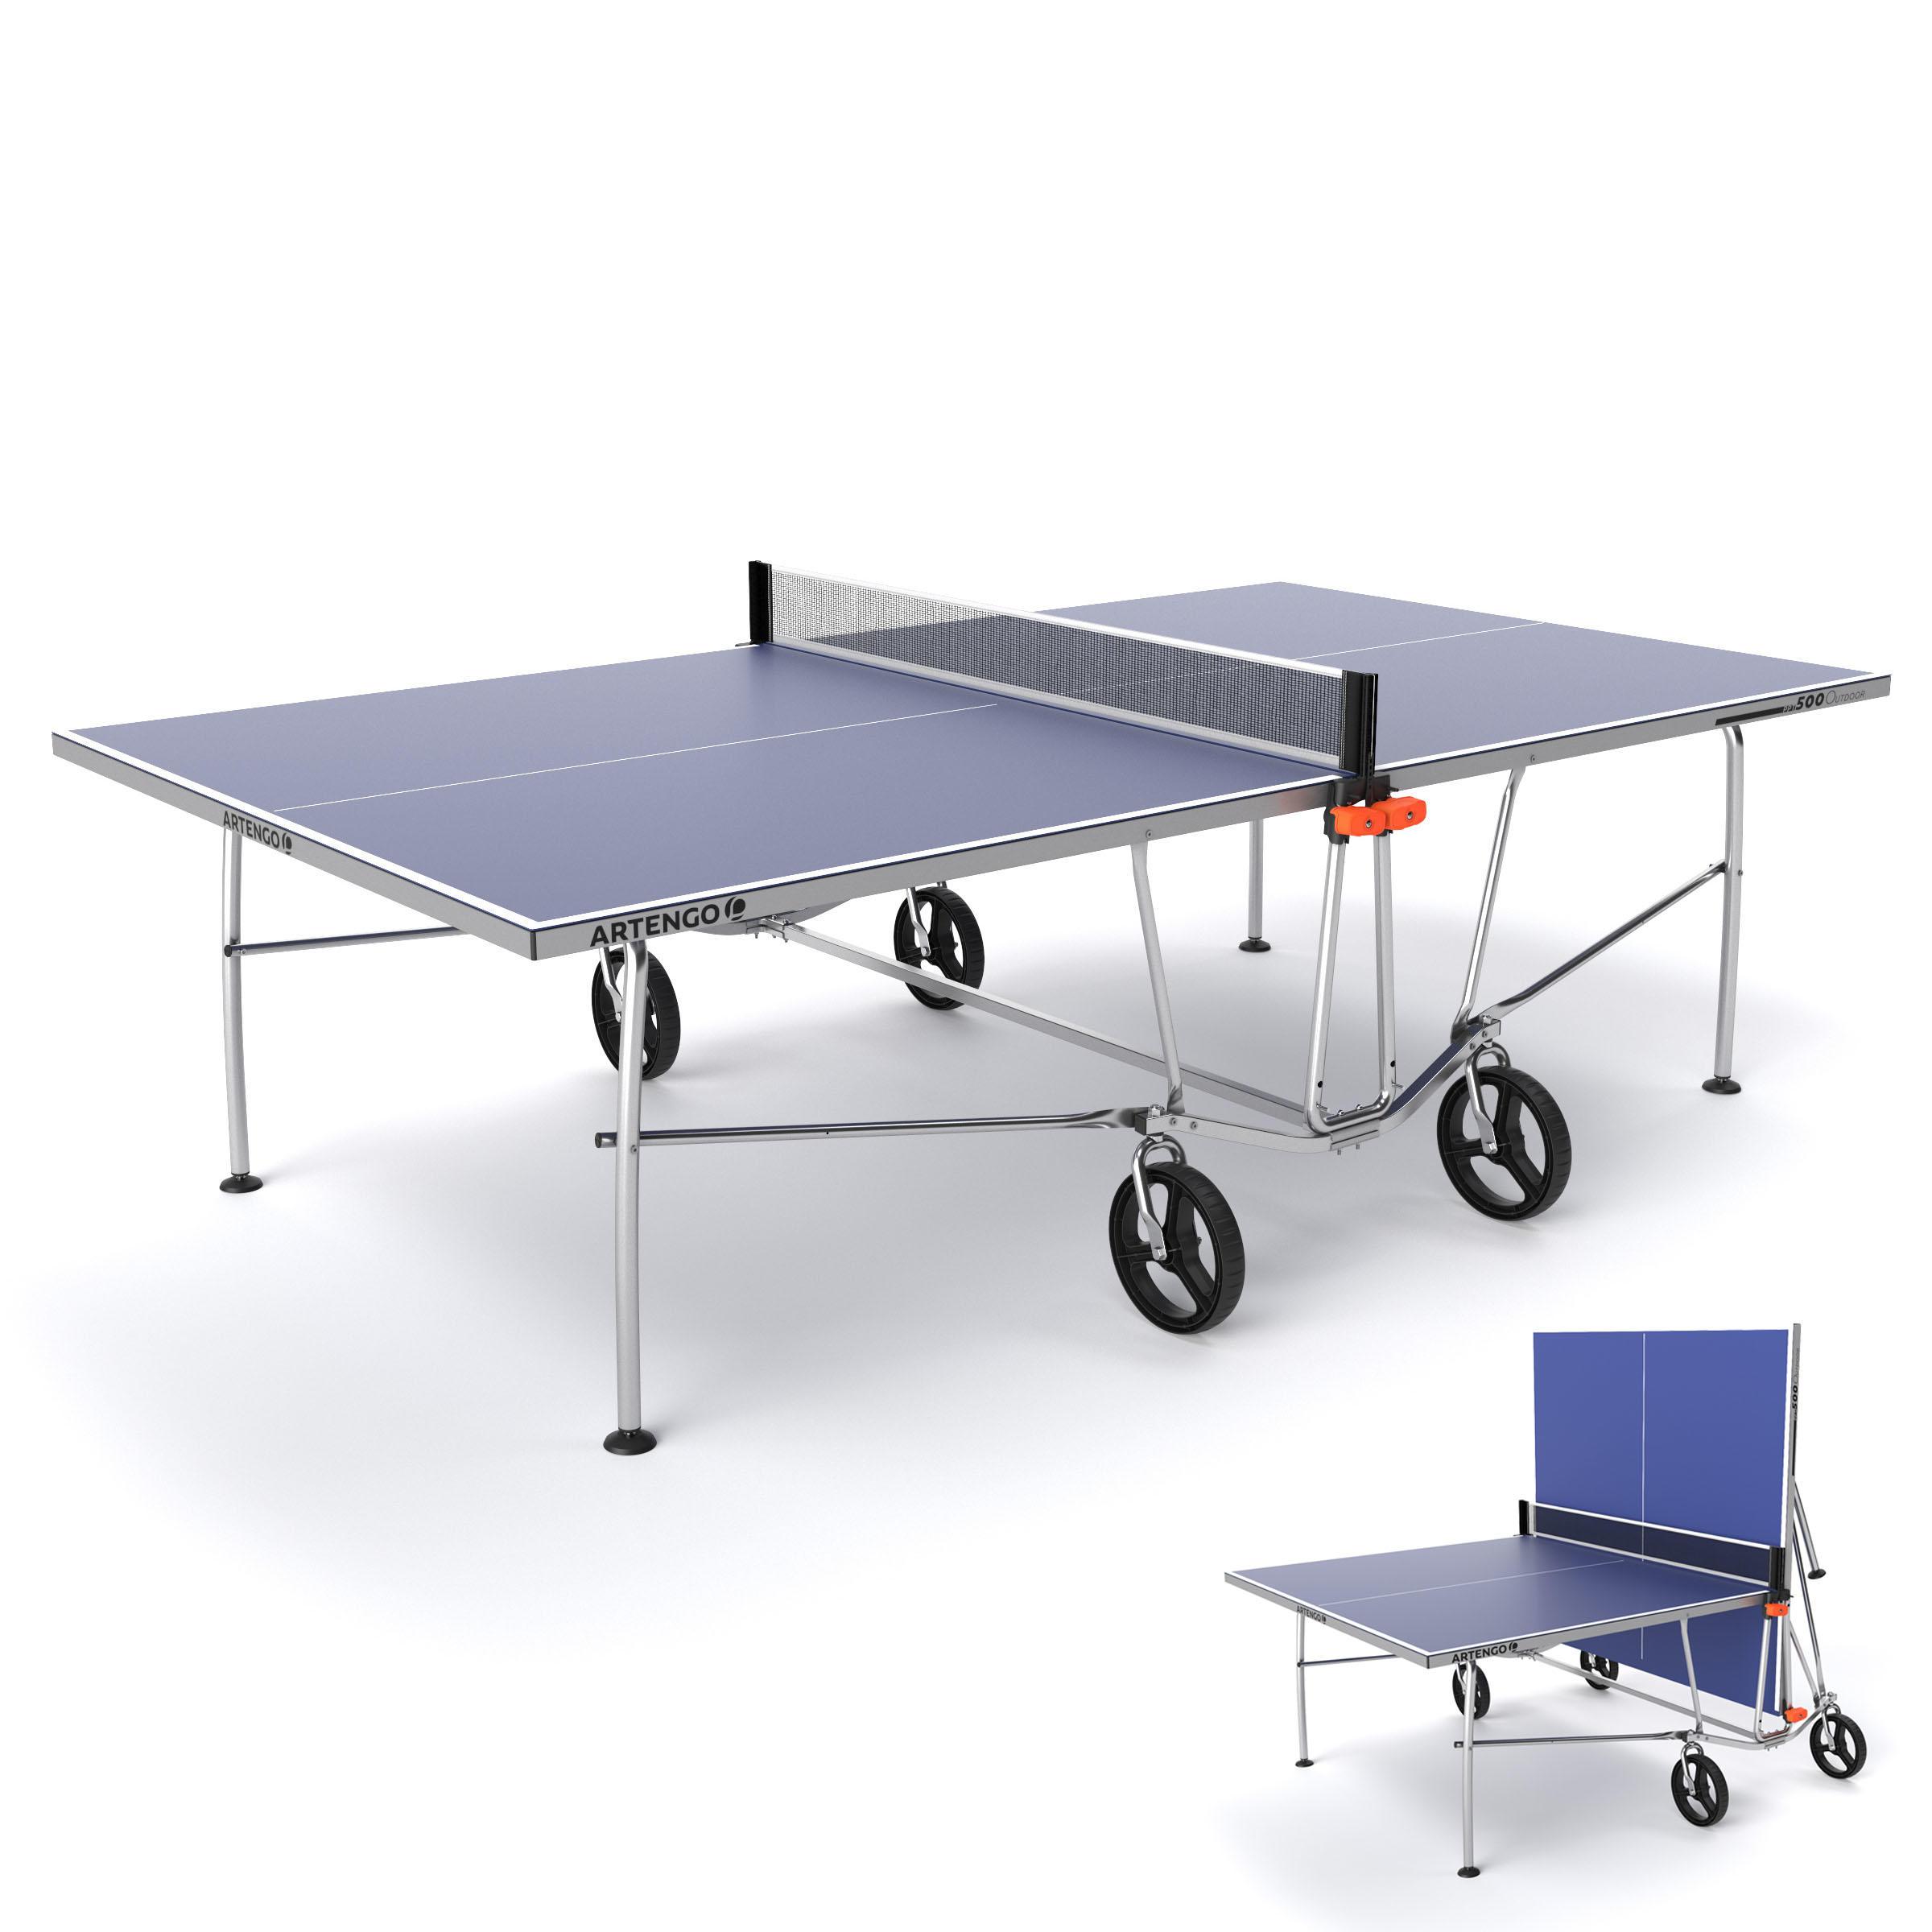 TABLE DE TENNIS DE TABLE LIBRE PPT 500 / FT 730 EXTÉRIEUR